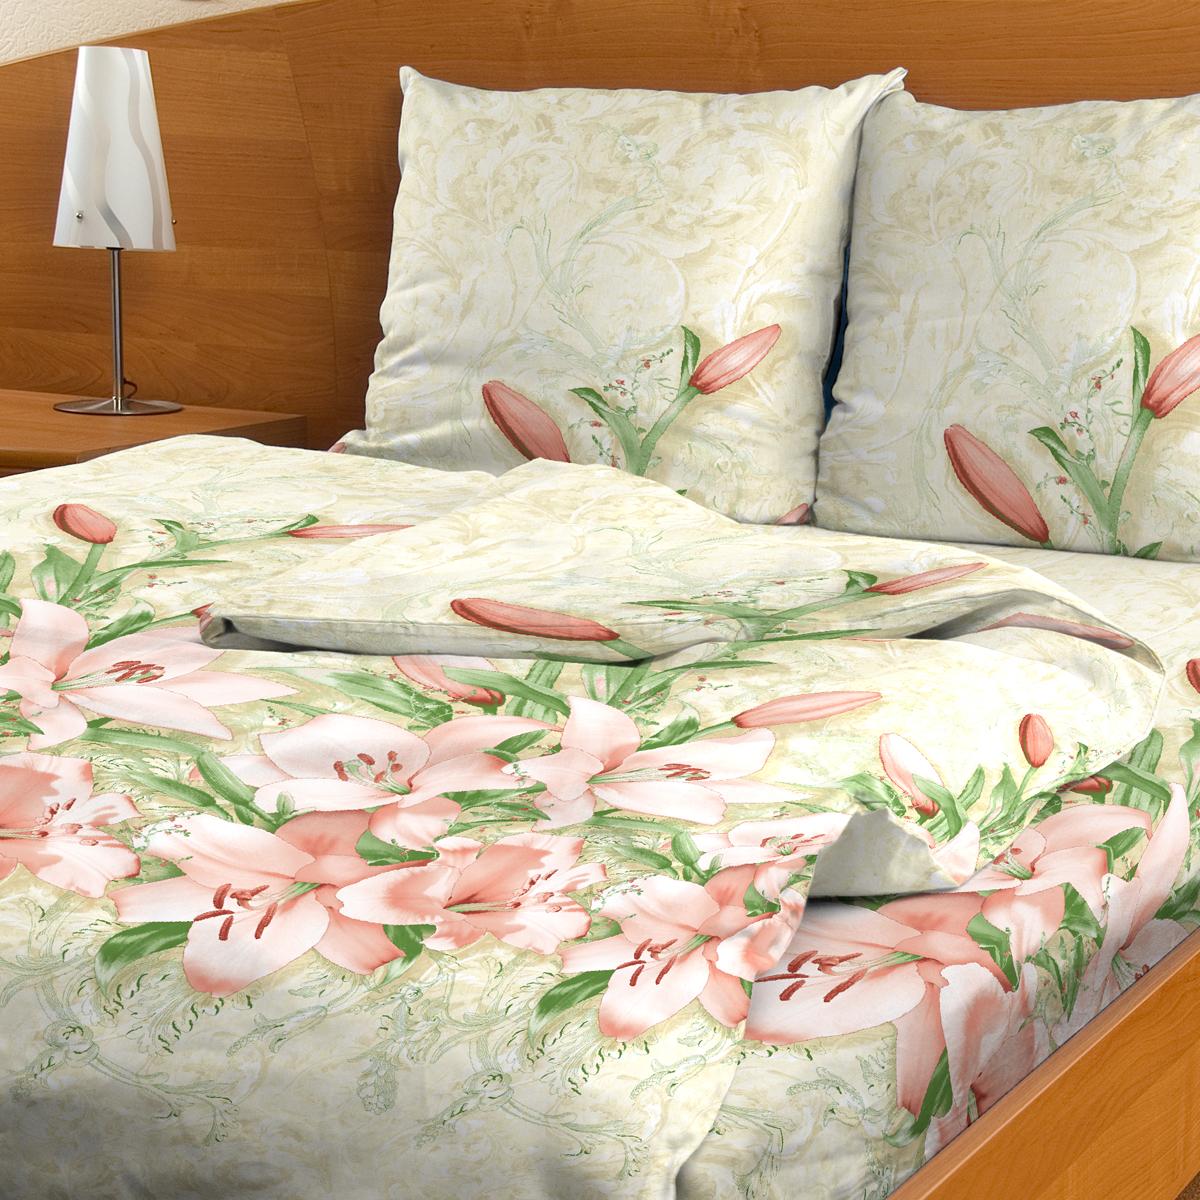 Комплект белья Letto Лили-Анна, 2-спальное, наволочки 70х70, цвет: розовый. В47-4В47-4Комплект постельного белья Letto Лили-Анна выполнен из бязи (100% натурального хлопка). Комплект состоит из пододеяльника, простыни и двух наволочек. Постельное белье оформлено ярким красочным рисунком. Гладкая структура делает ткань приятной на ощупь, мягкой и нежной, при этом она прочная и хорошо сохраняет форму. Ткань легко гладится. Благодаря такому комплекту постельного белья вы сможете создать атмосферу роскоши и романтики в вашей спальне. В комплект входят: Пододеяльник - 1 шт. Размер: 175 см х 215 см. Простыня - 1 шт. Размер: 180 см х 220, см. Наволочка - 2 шт. Размер: 70 см х 70 см. Плотность: 125 г/м.